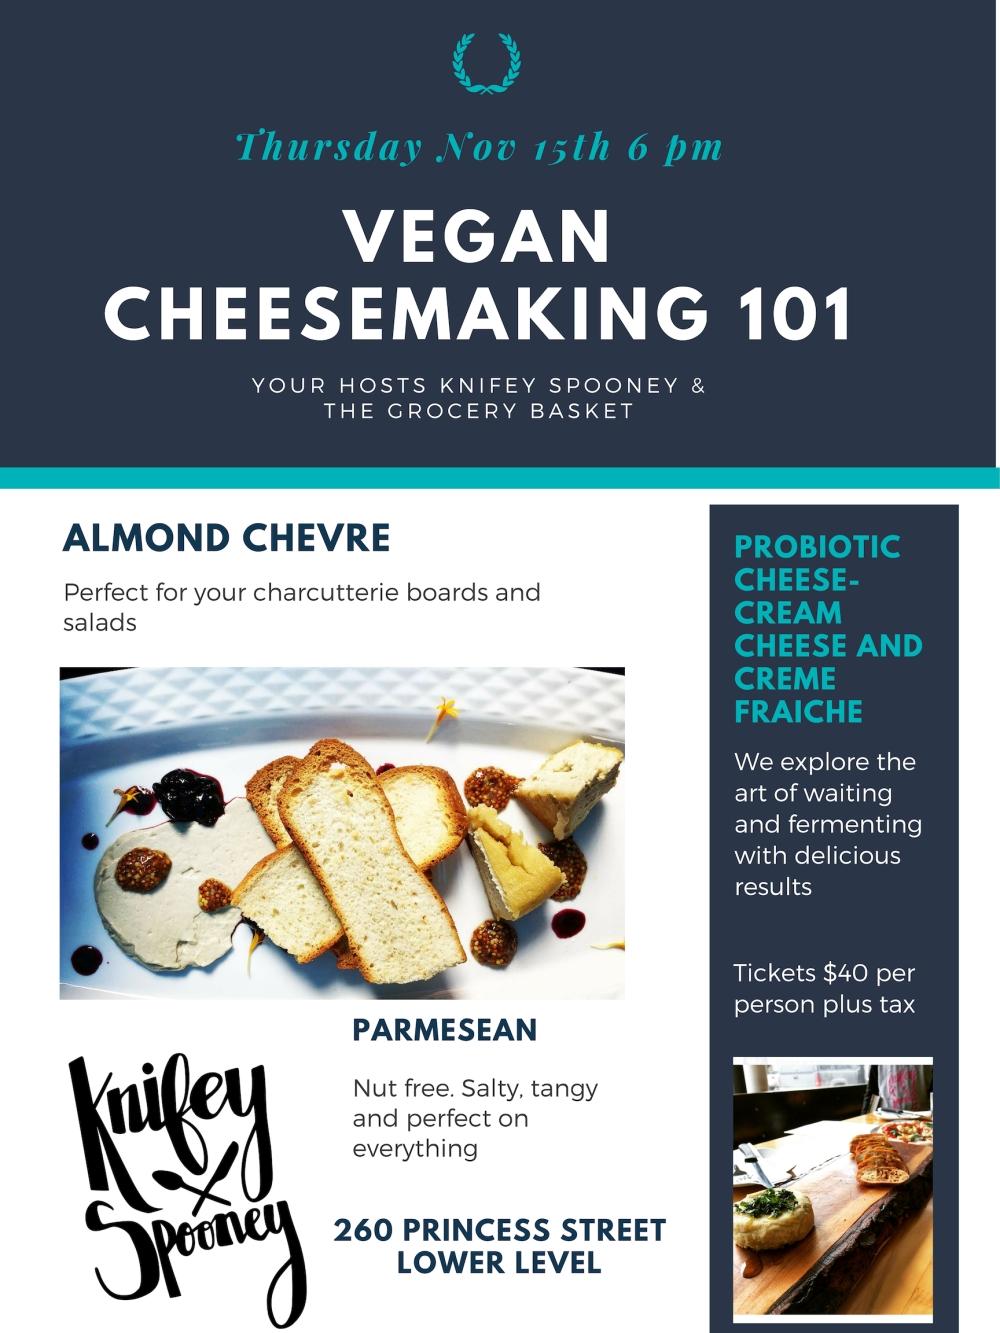 Vegan Cheesemaking 101